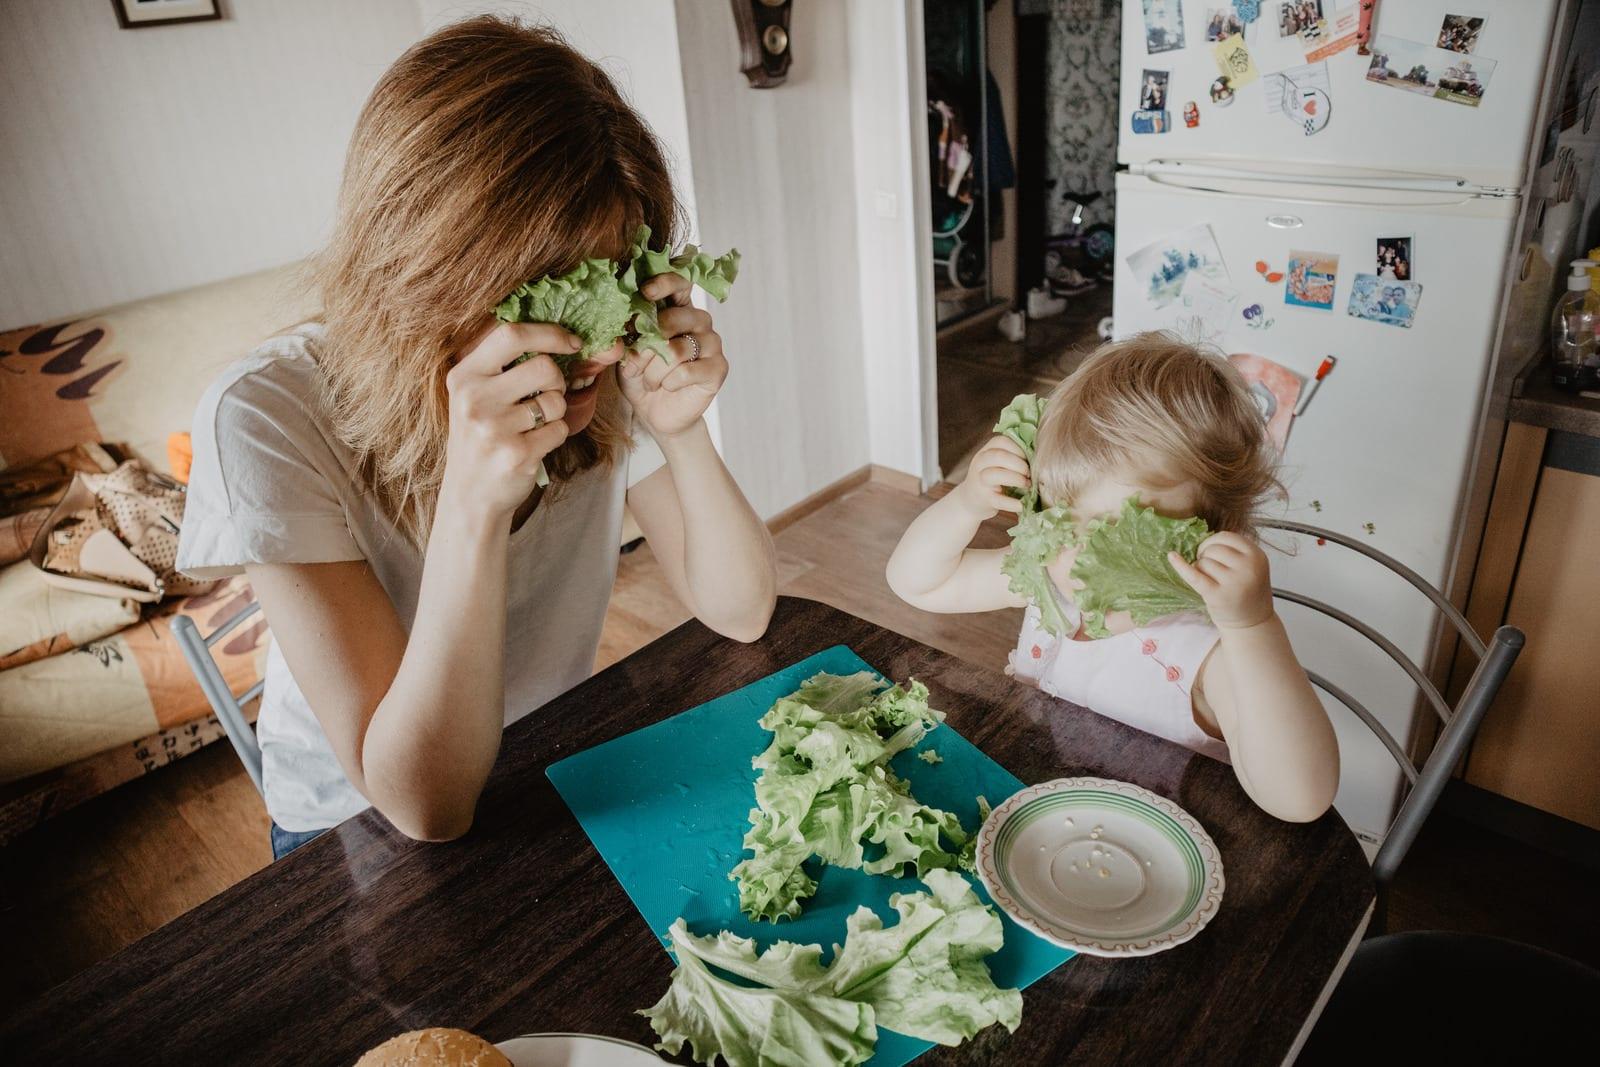 Dicas para alimentação saudável